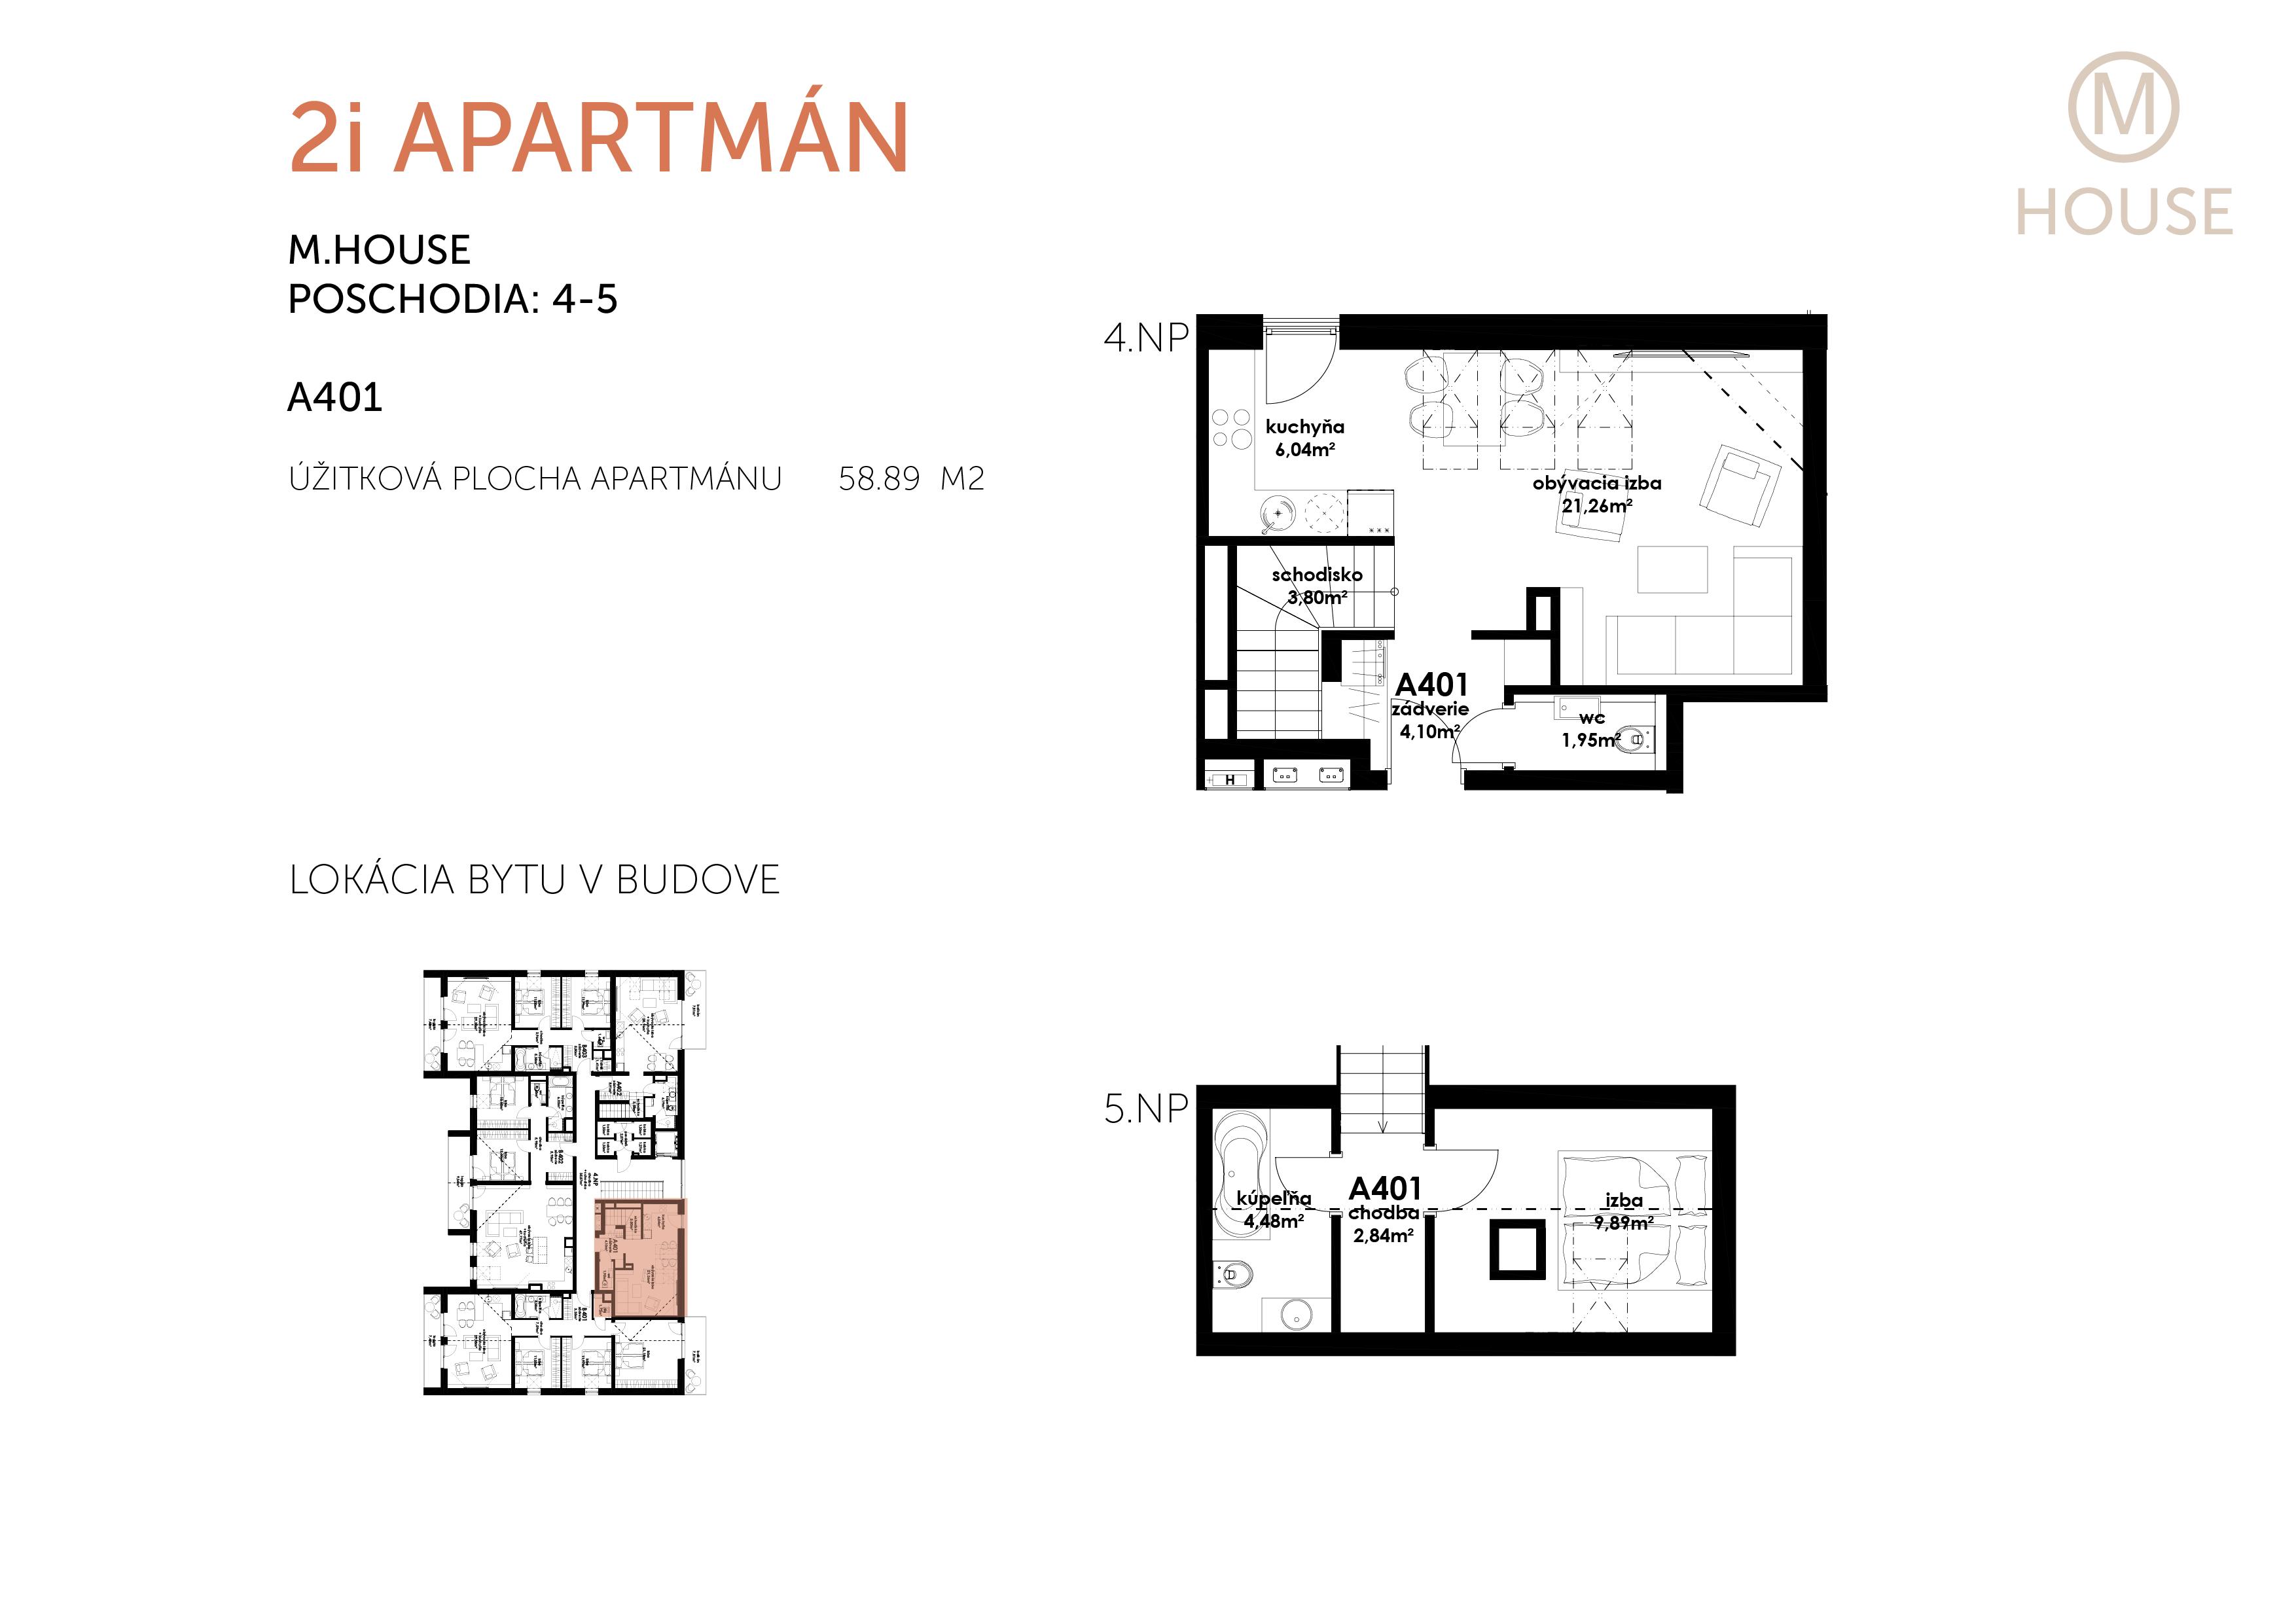 NOVOSTAVBA Apartmán 2 IZBOVÝ, na dvoch podlažiach, M-HOUSE, MALACKY CENTRUM, 58,89M2-5